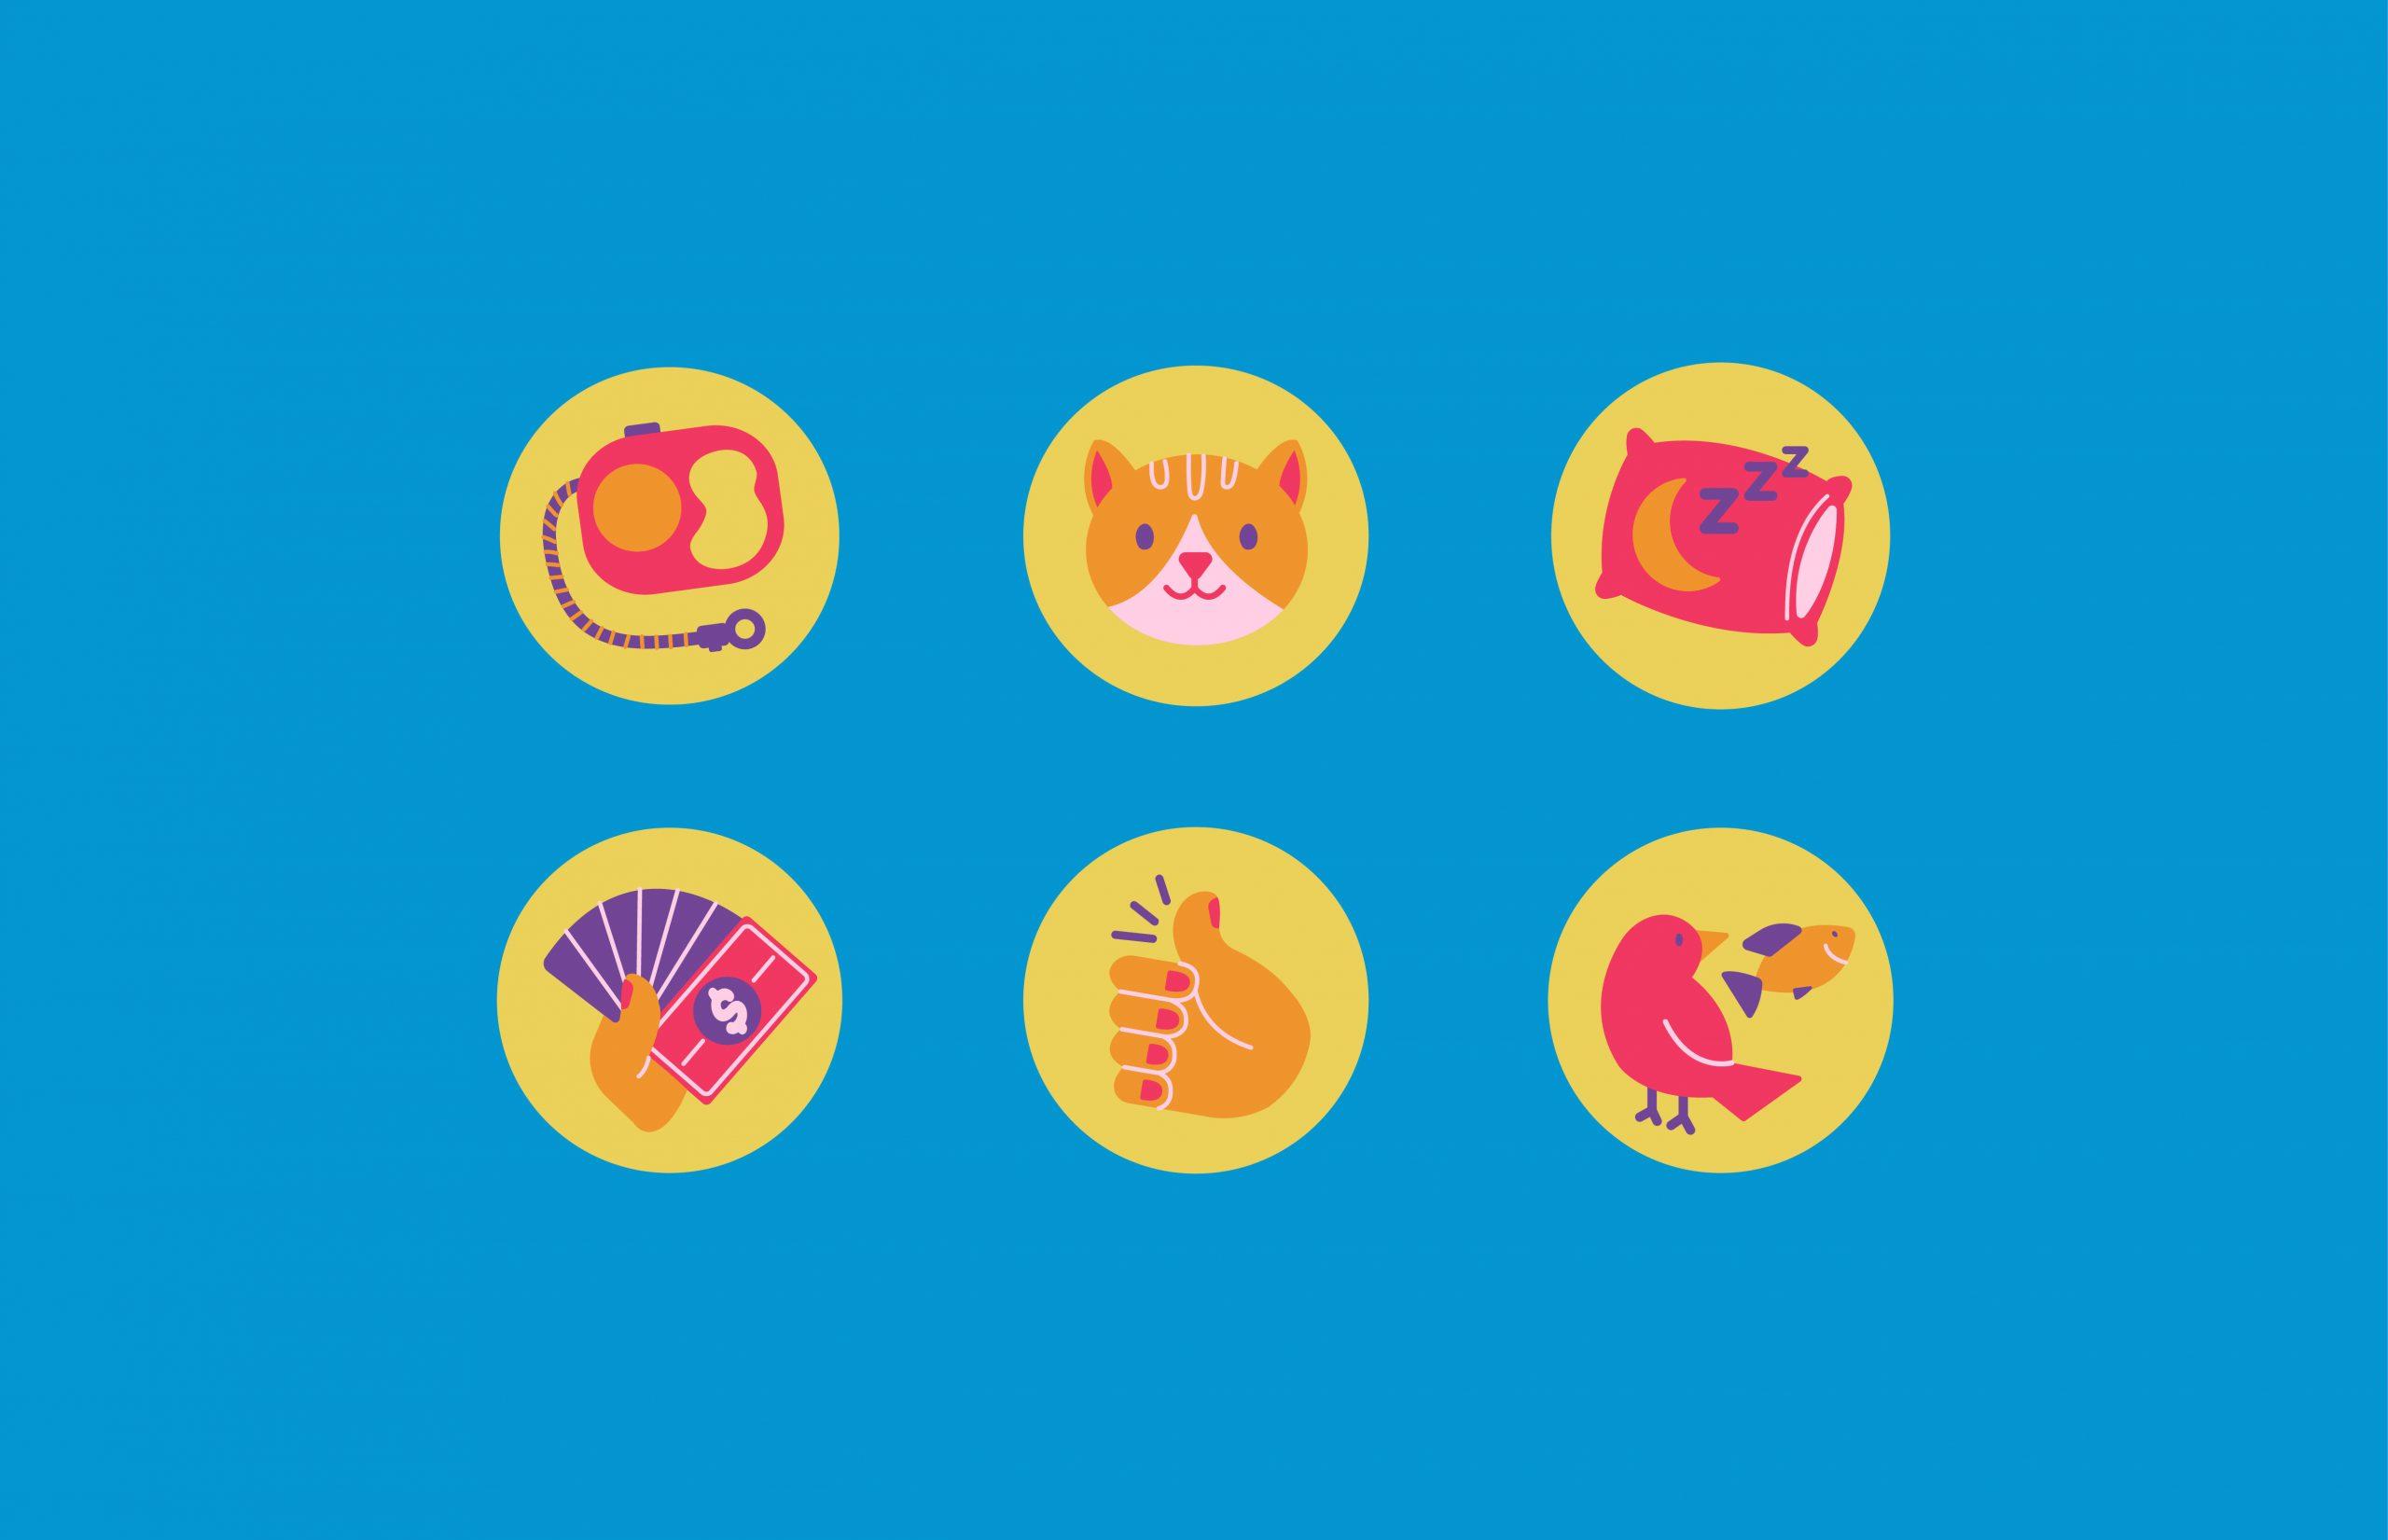 leash icon, cat icon, sleep icon, money icon, hand icon, bird icon